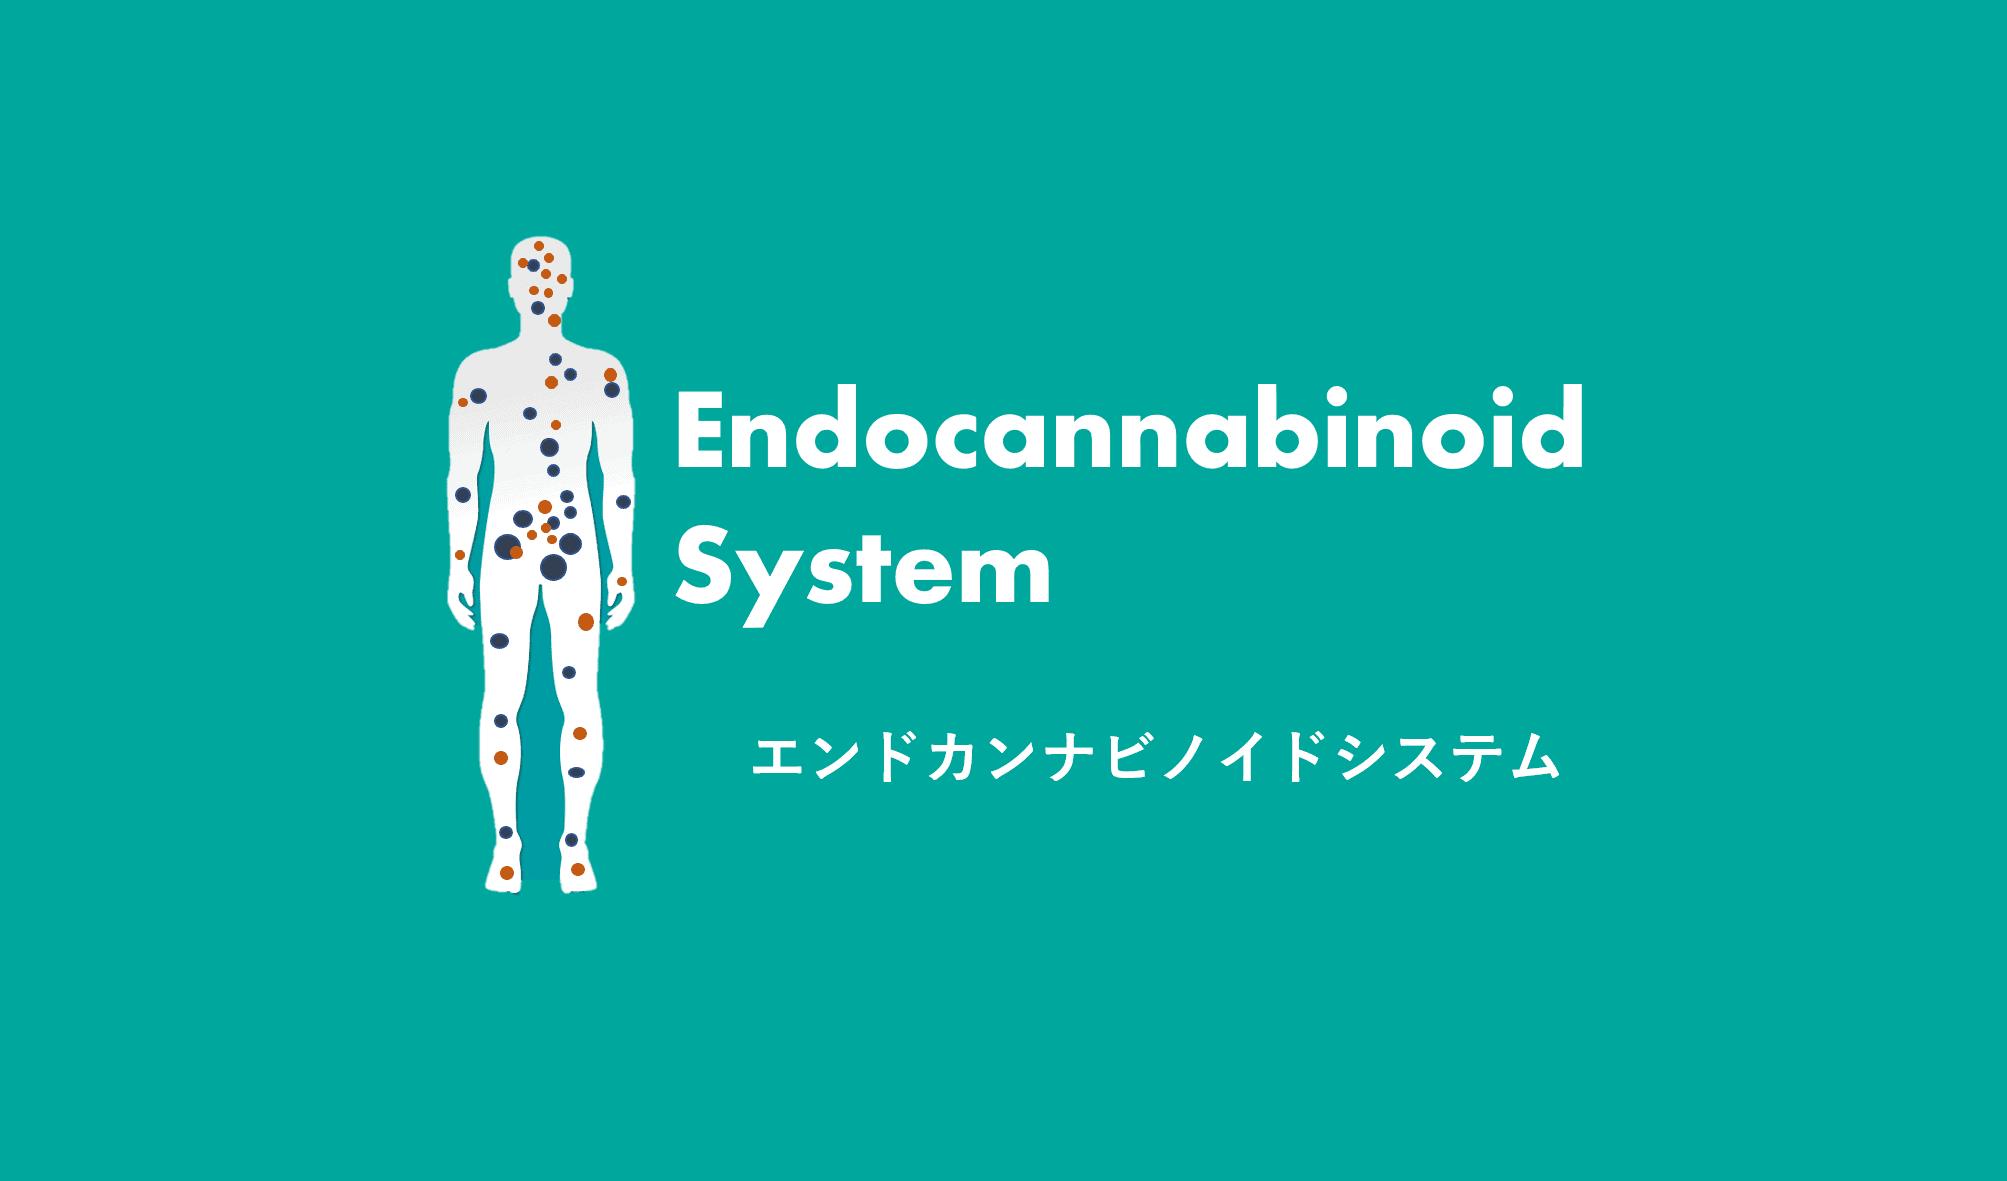 エンドカンナビノイドシステムとは